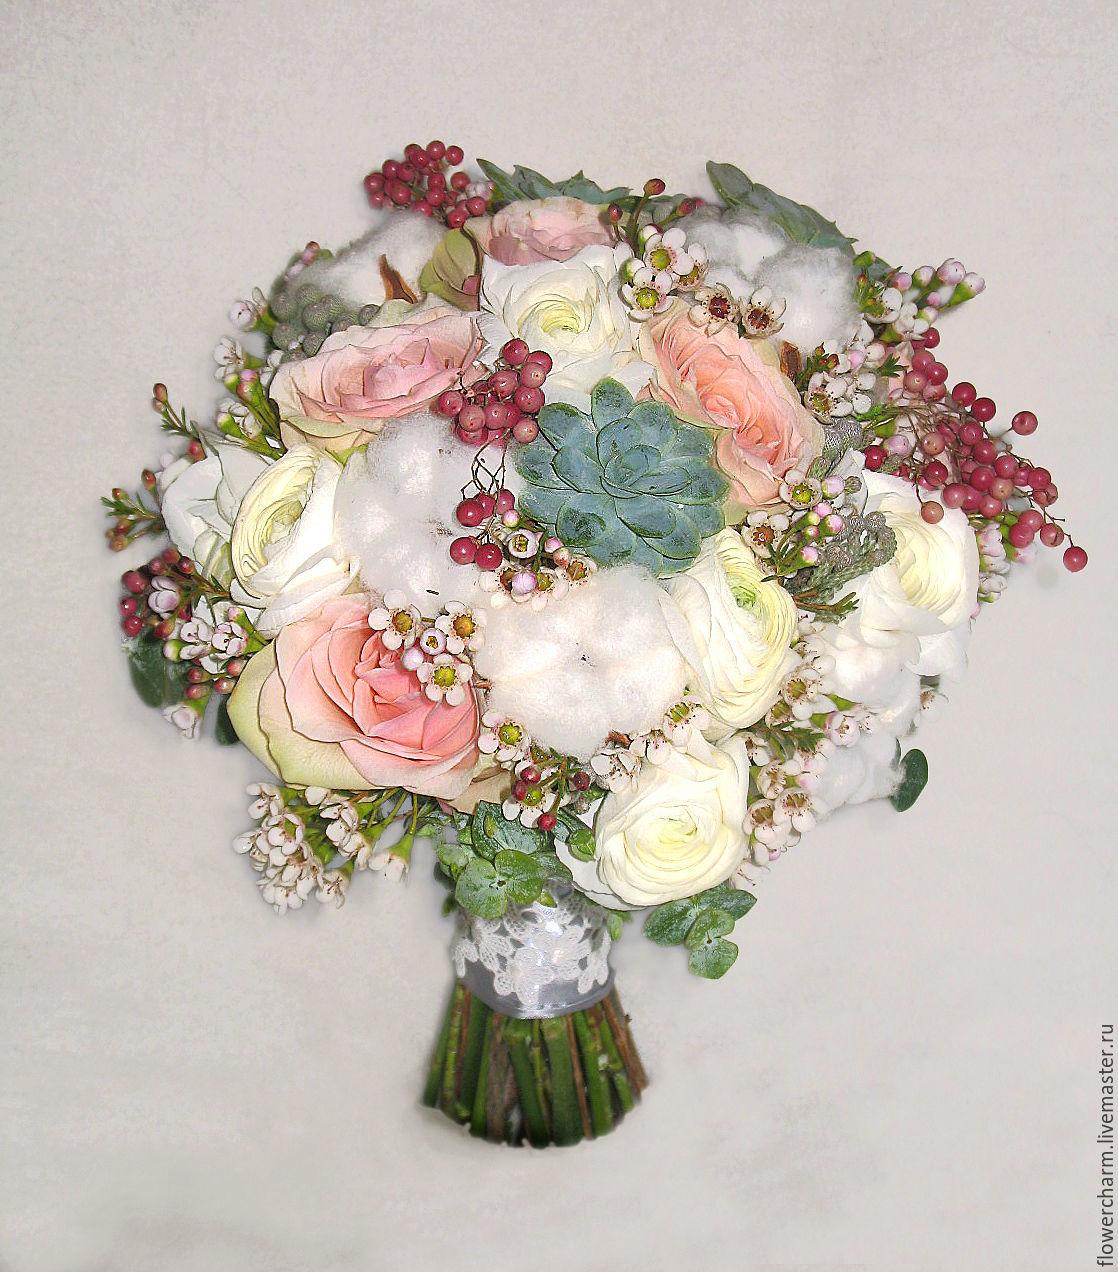 Букет невесты в серебристо-розовых тонах, Цветы, Москва,  Фото №1